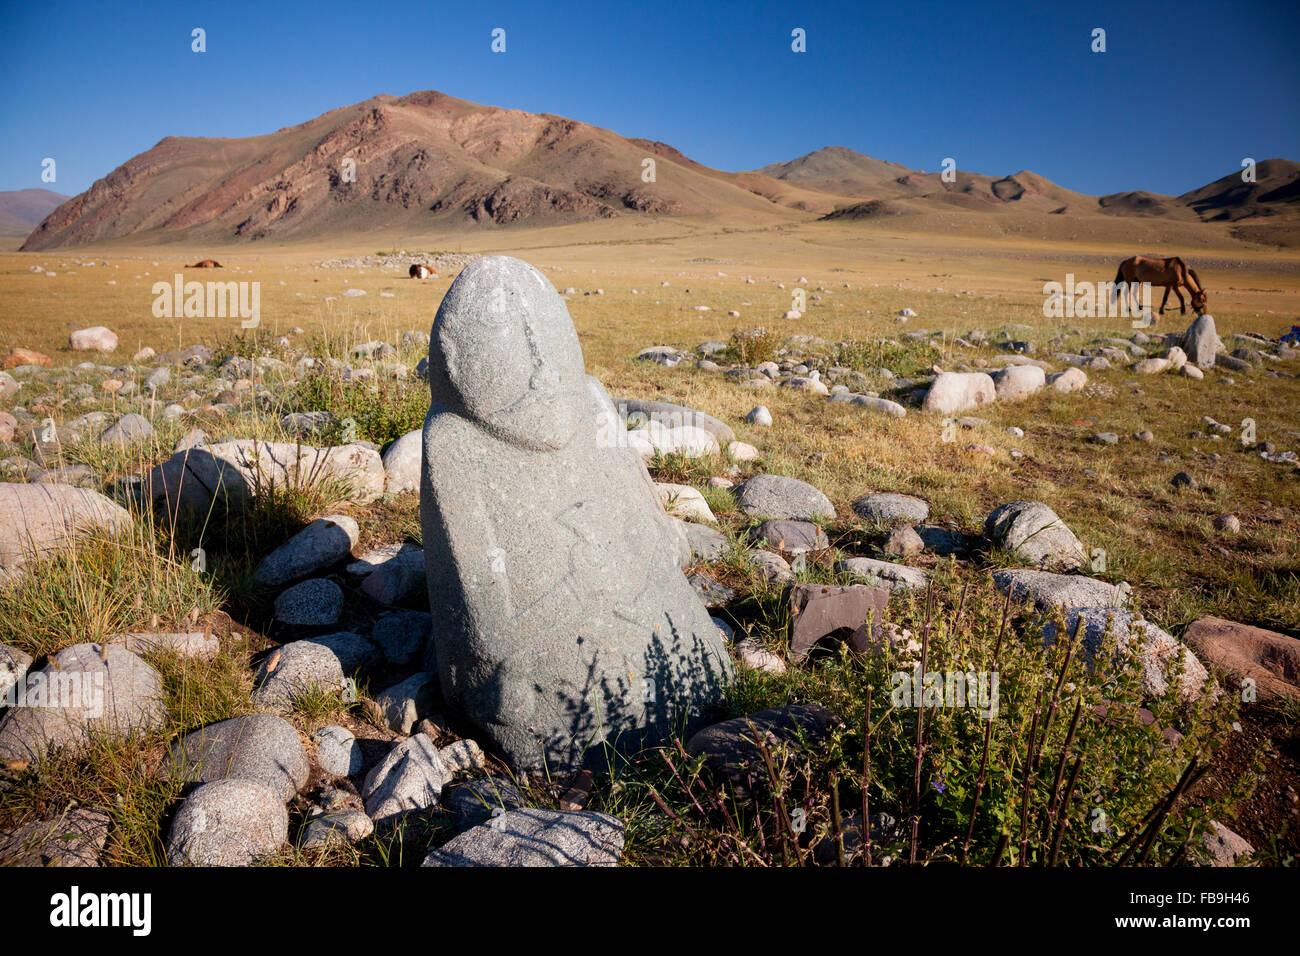 A lo largo de miles de años viejos turcos en piedra grave Kharkhiraa Turgen, Parque Nacional de Mongolia. Imagen De Stock